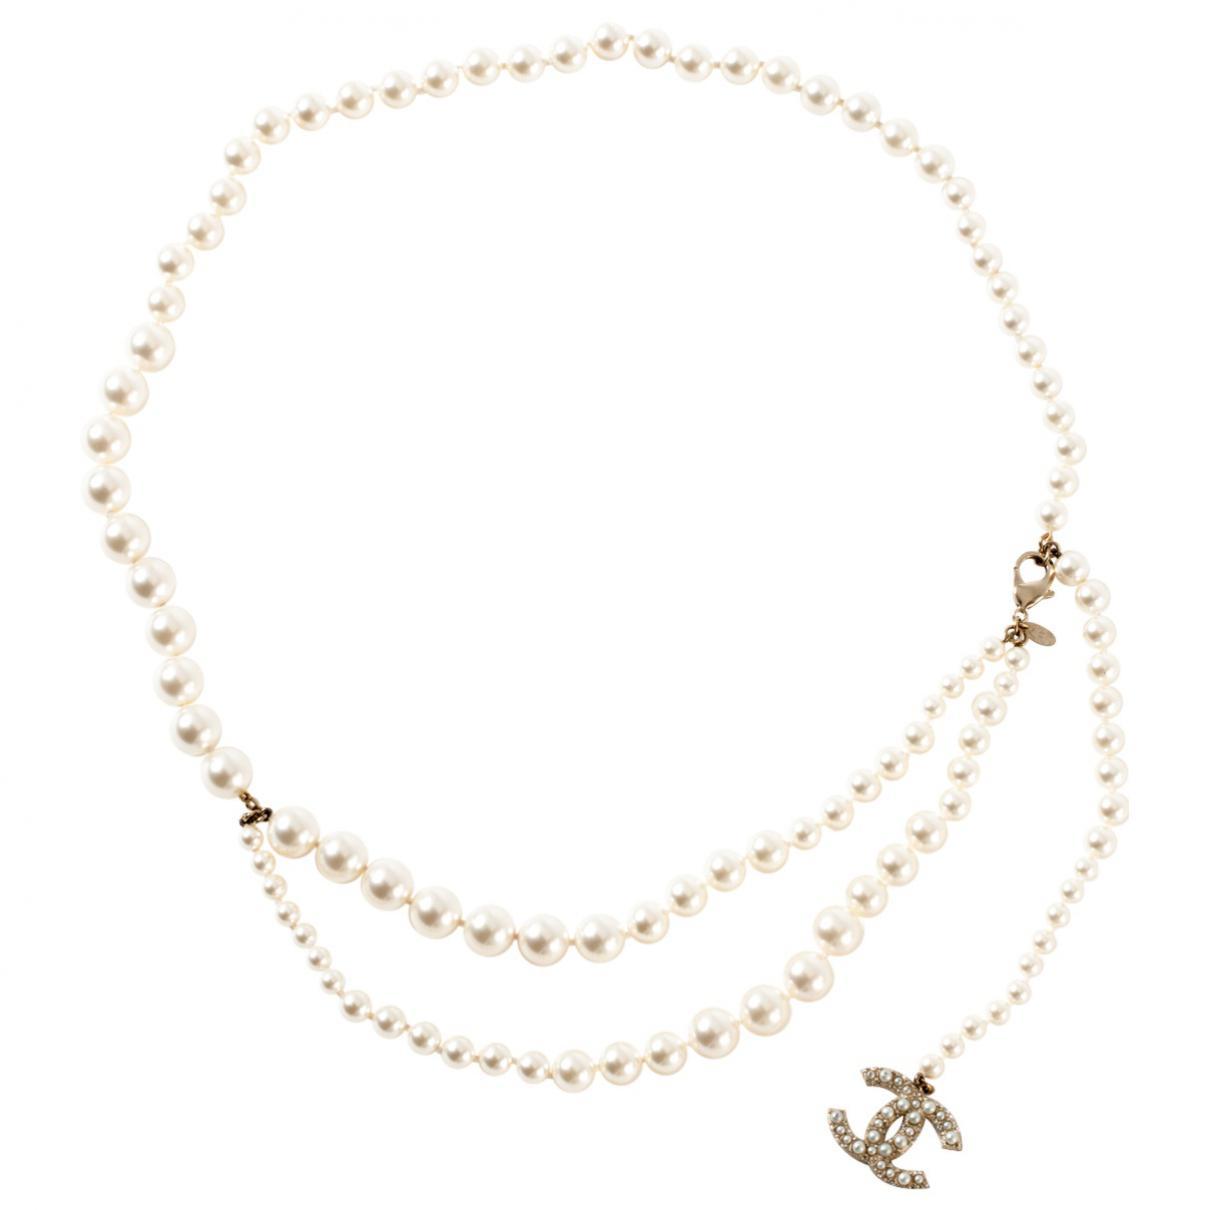 Lyst - Ceinture en perles Chanel en coloris Blanc ca35dba2d14